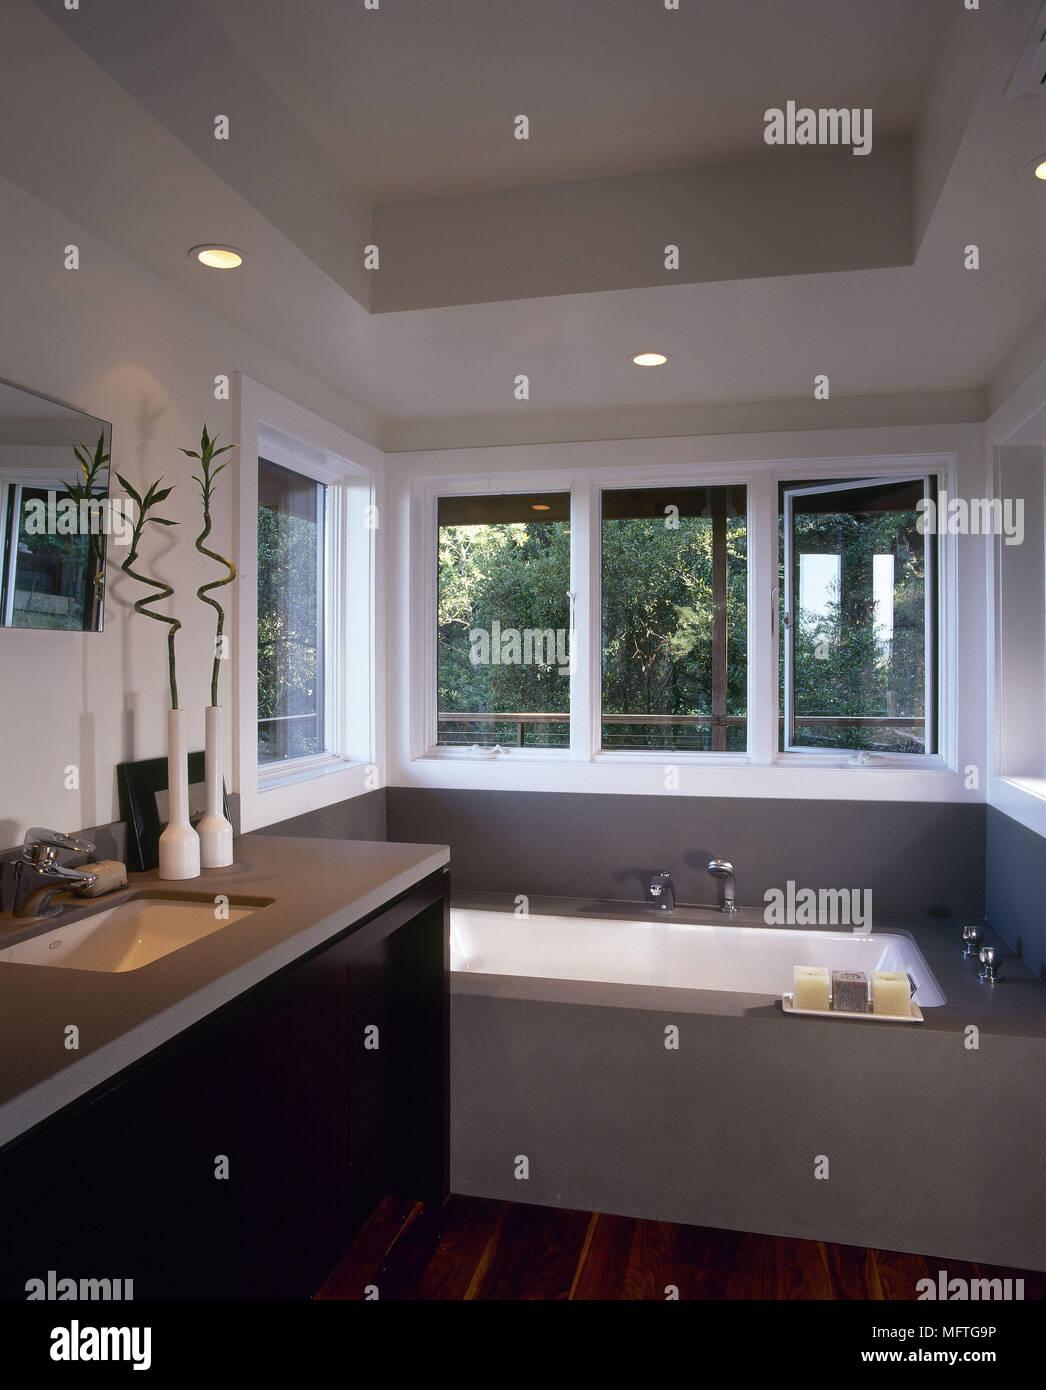 Eine Moderne, Minimalistische Badezimmer Eingelassene Badewanne Waschbecken  In Einheit Inneneinrichtung Badezimmer Set Waschbecken Bäder Tiefen Farben